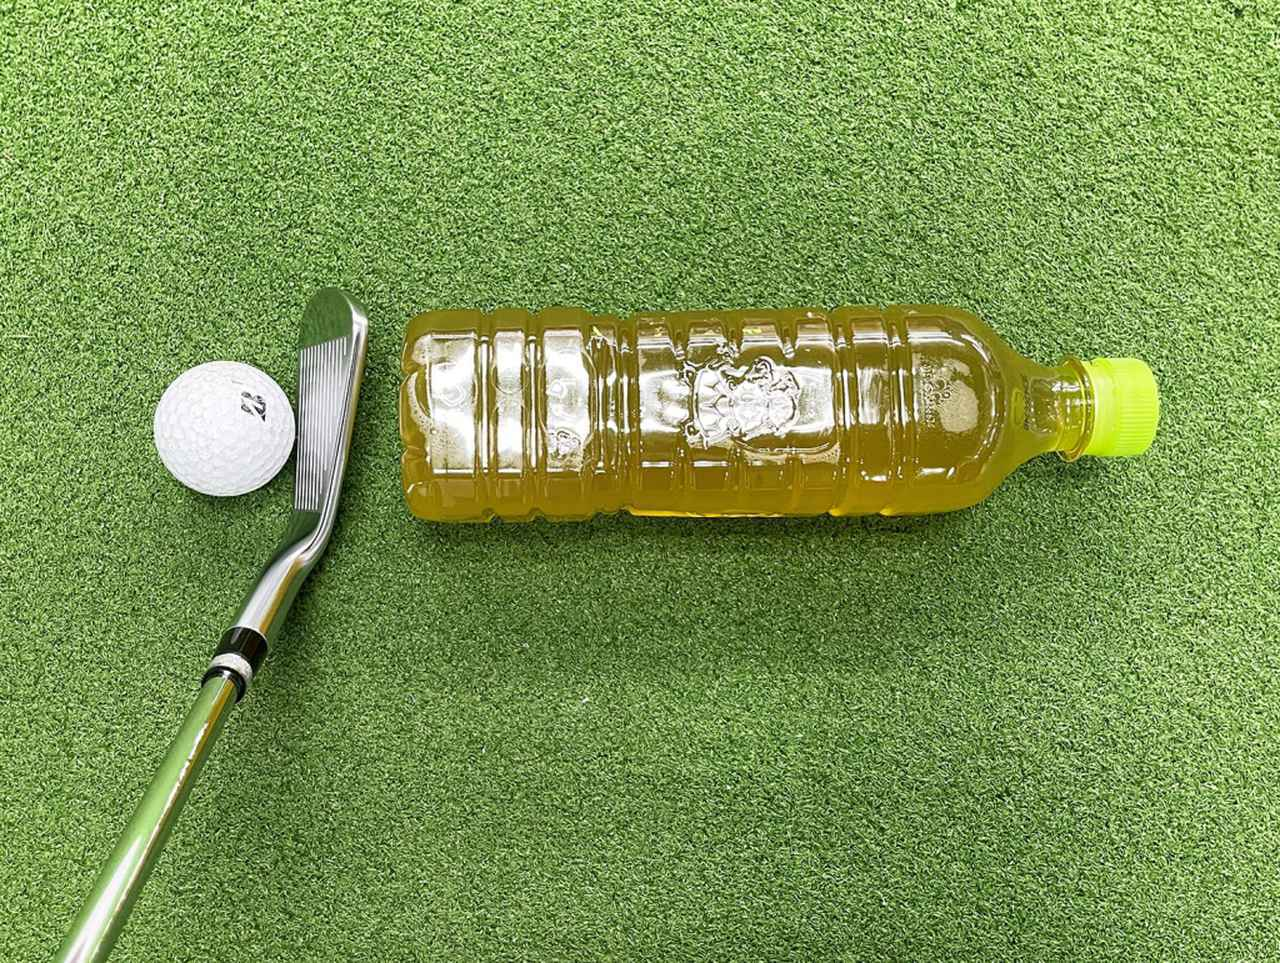 画像: ボールの後ろにヘッドを置いて構え、その後方5センチくらいのところにペットボトルを置く